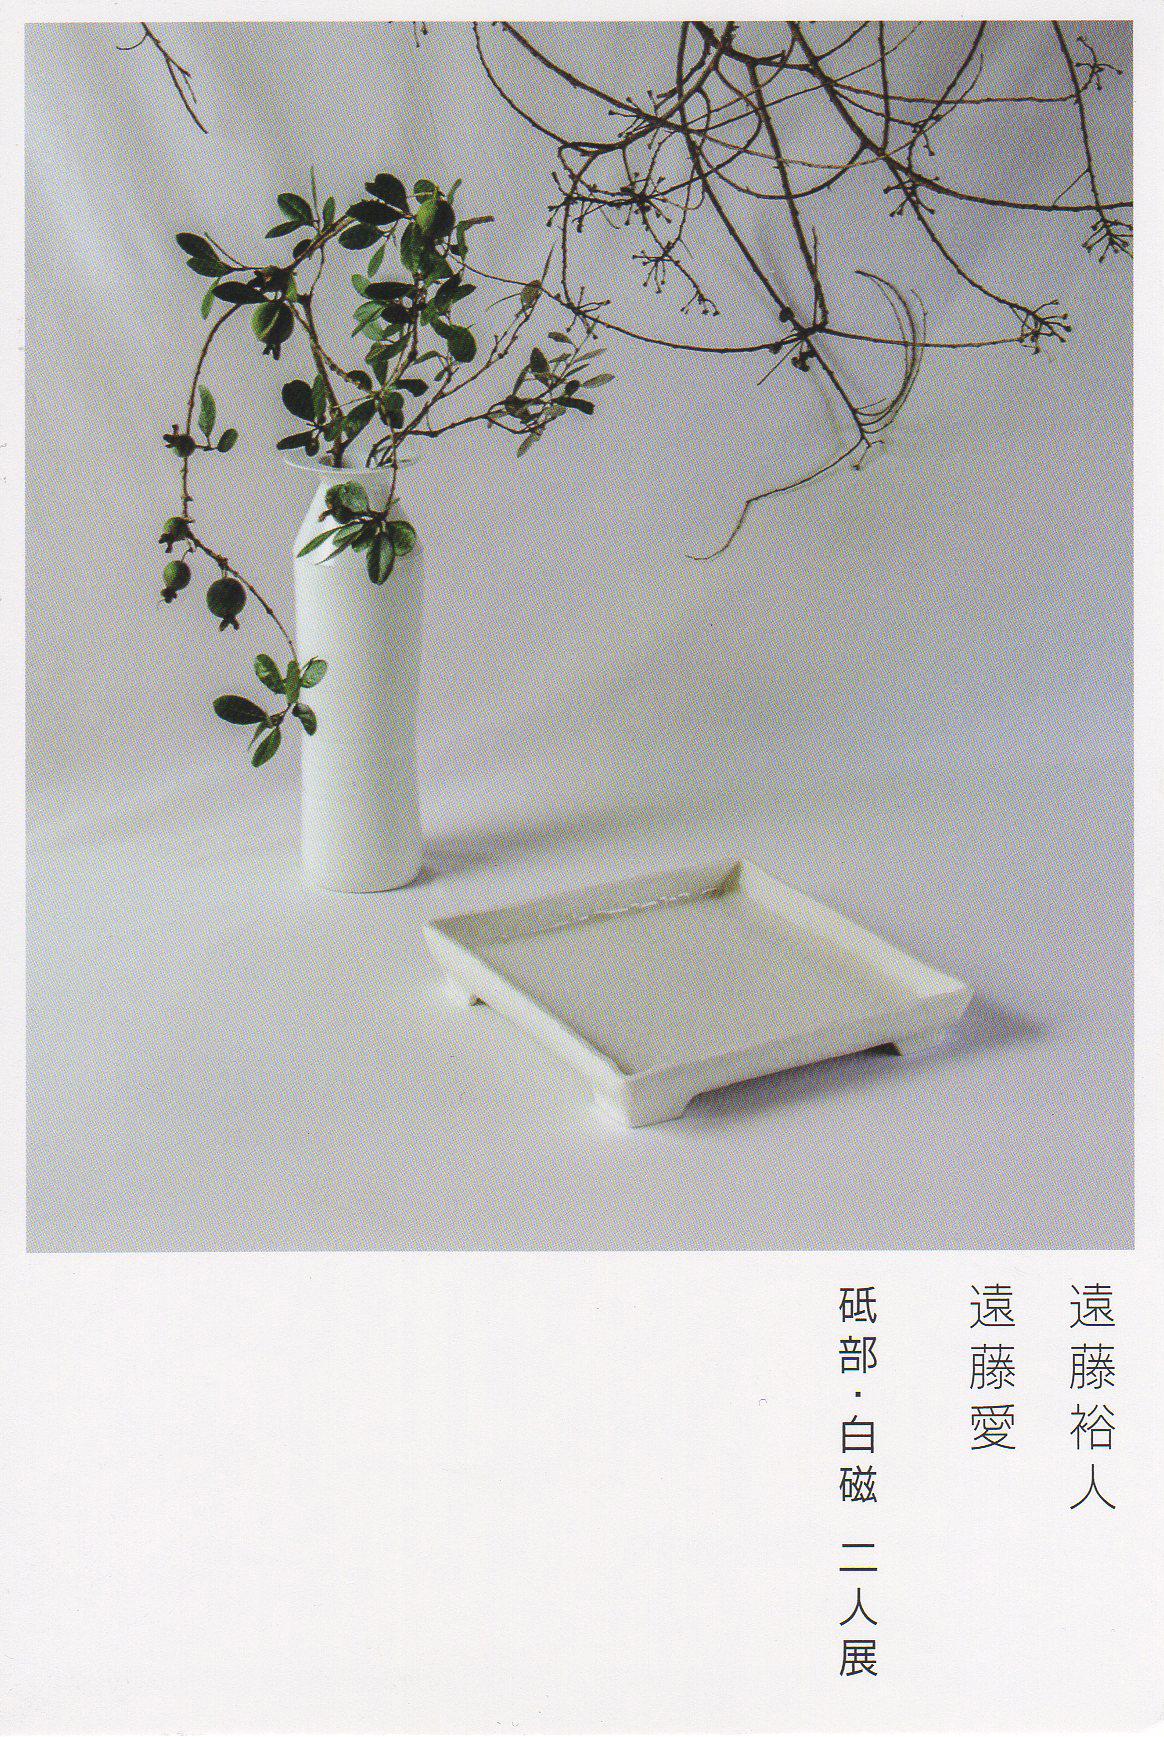 遠藤裕人 遠藤愛 砥部・白磁 二人展